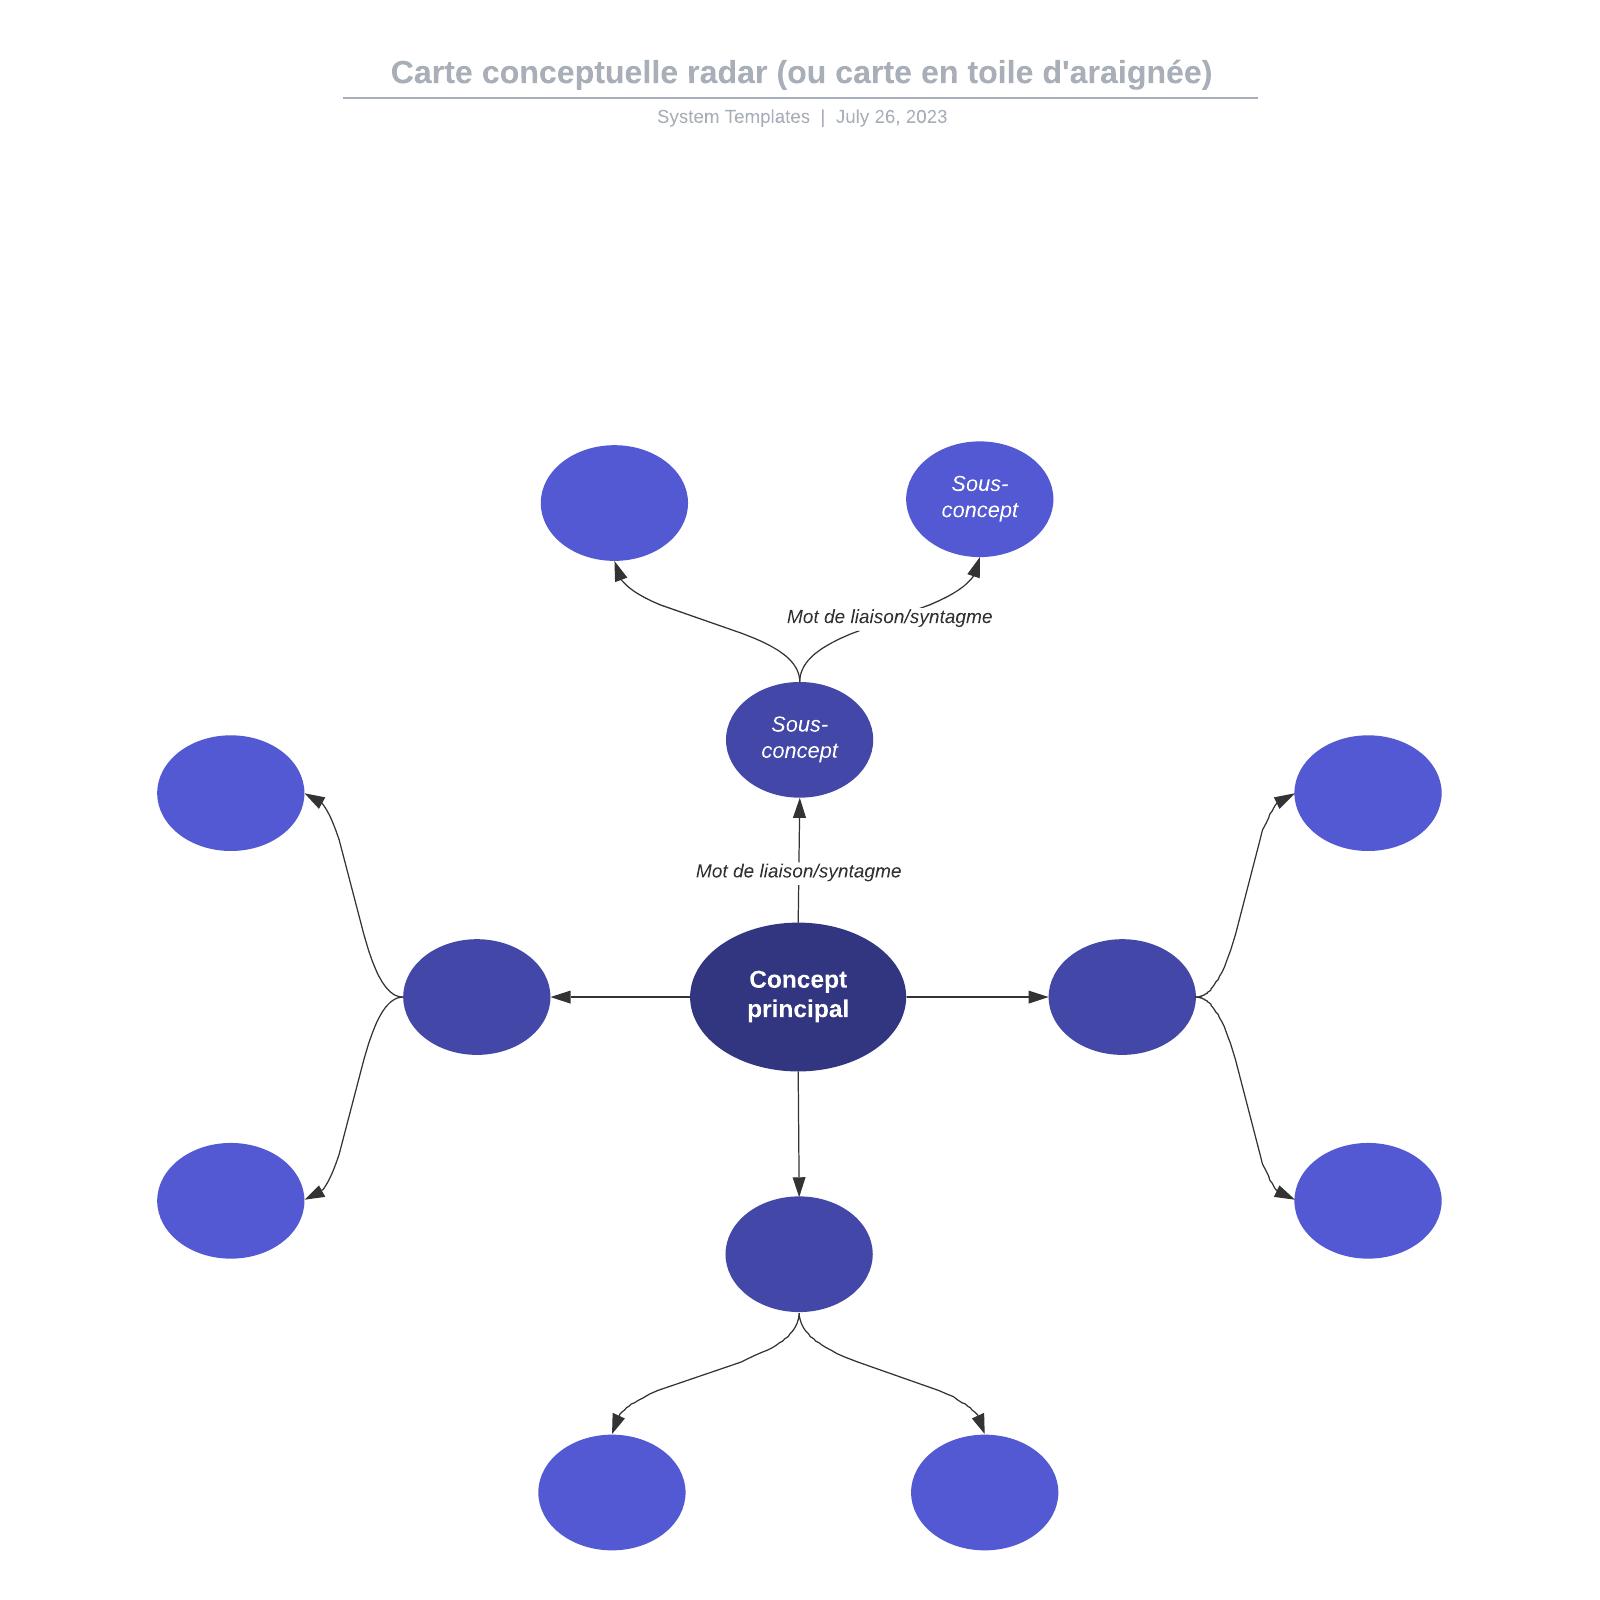 exemple de carte conceptuelle en radar (ou toile d'araignée)